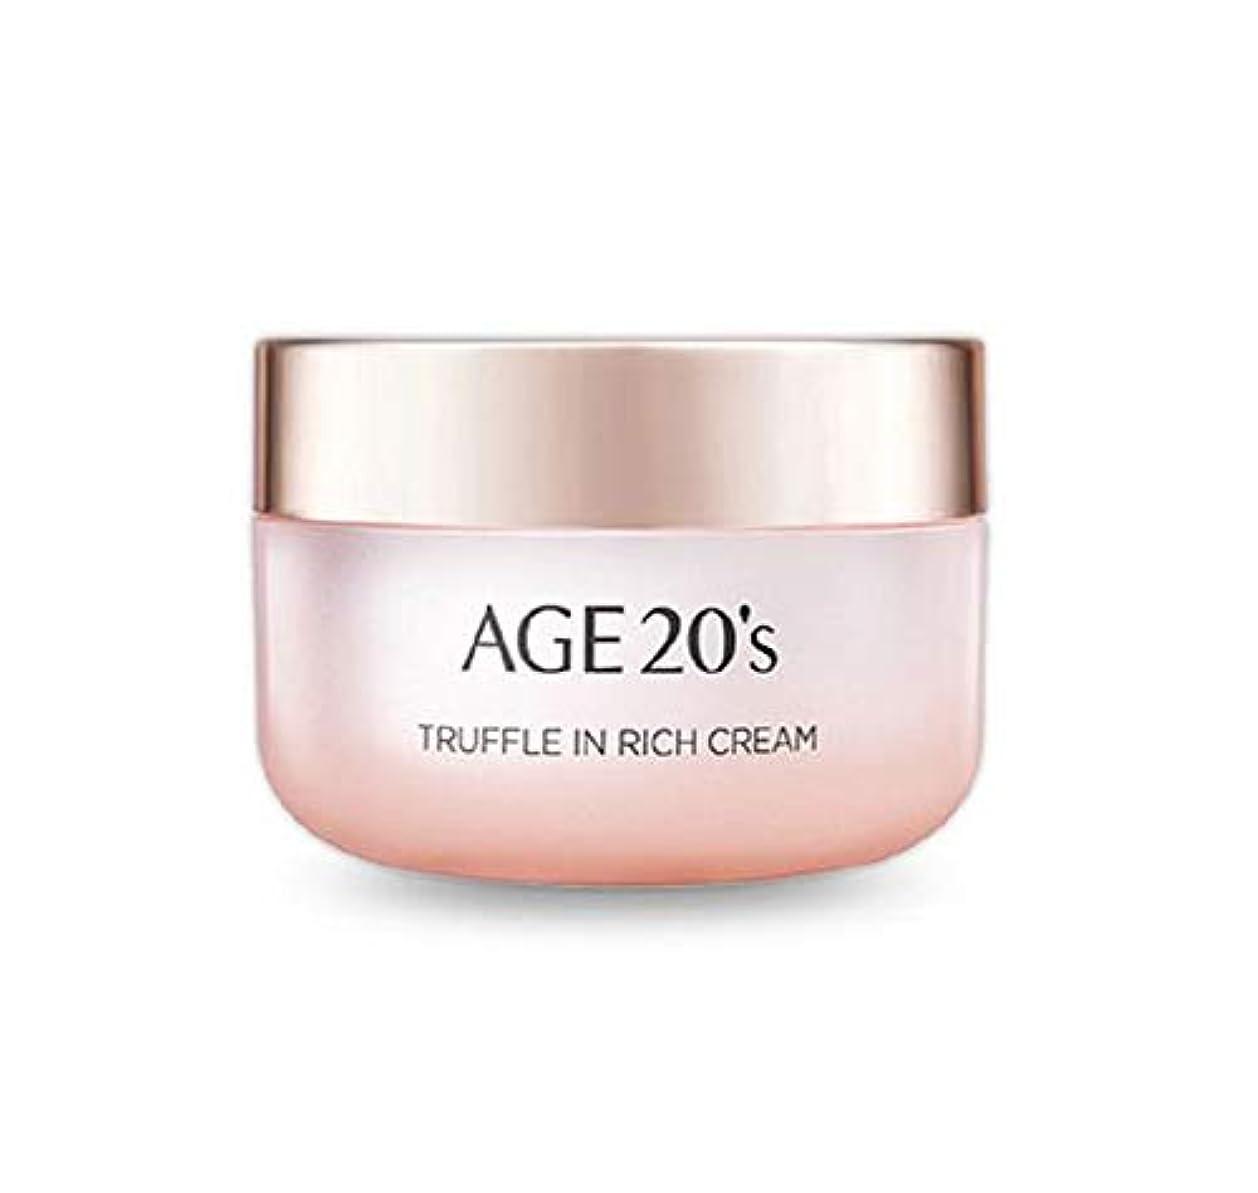 コピー公式ピアニストエイジトゥエンティスAge20's 韓国コスメ トリュフリッチ クリーム 50g 海外直送品 Truffle in rich Cream [並行輸入品]